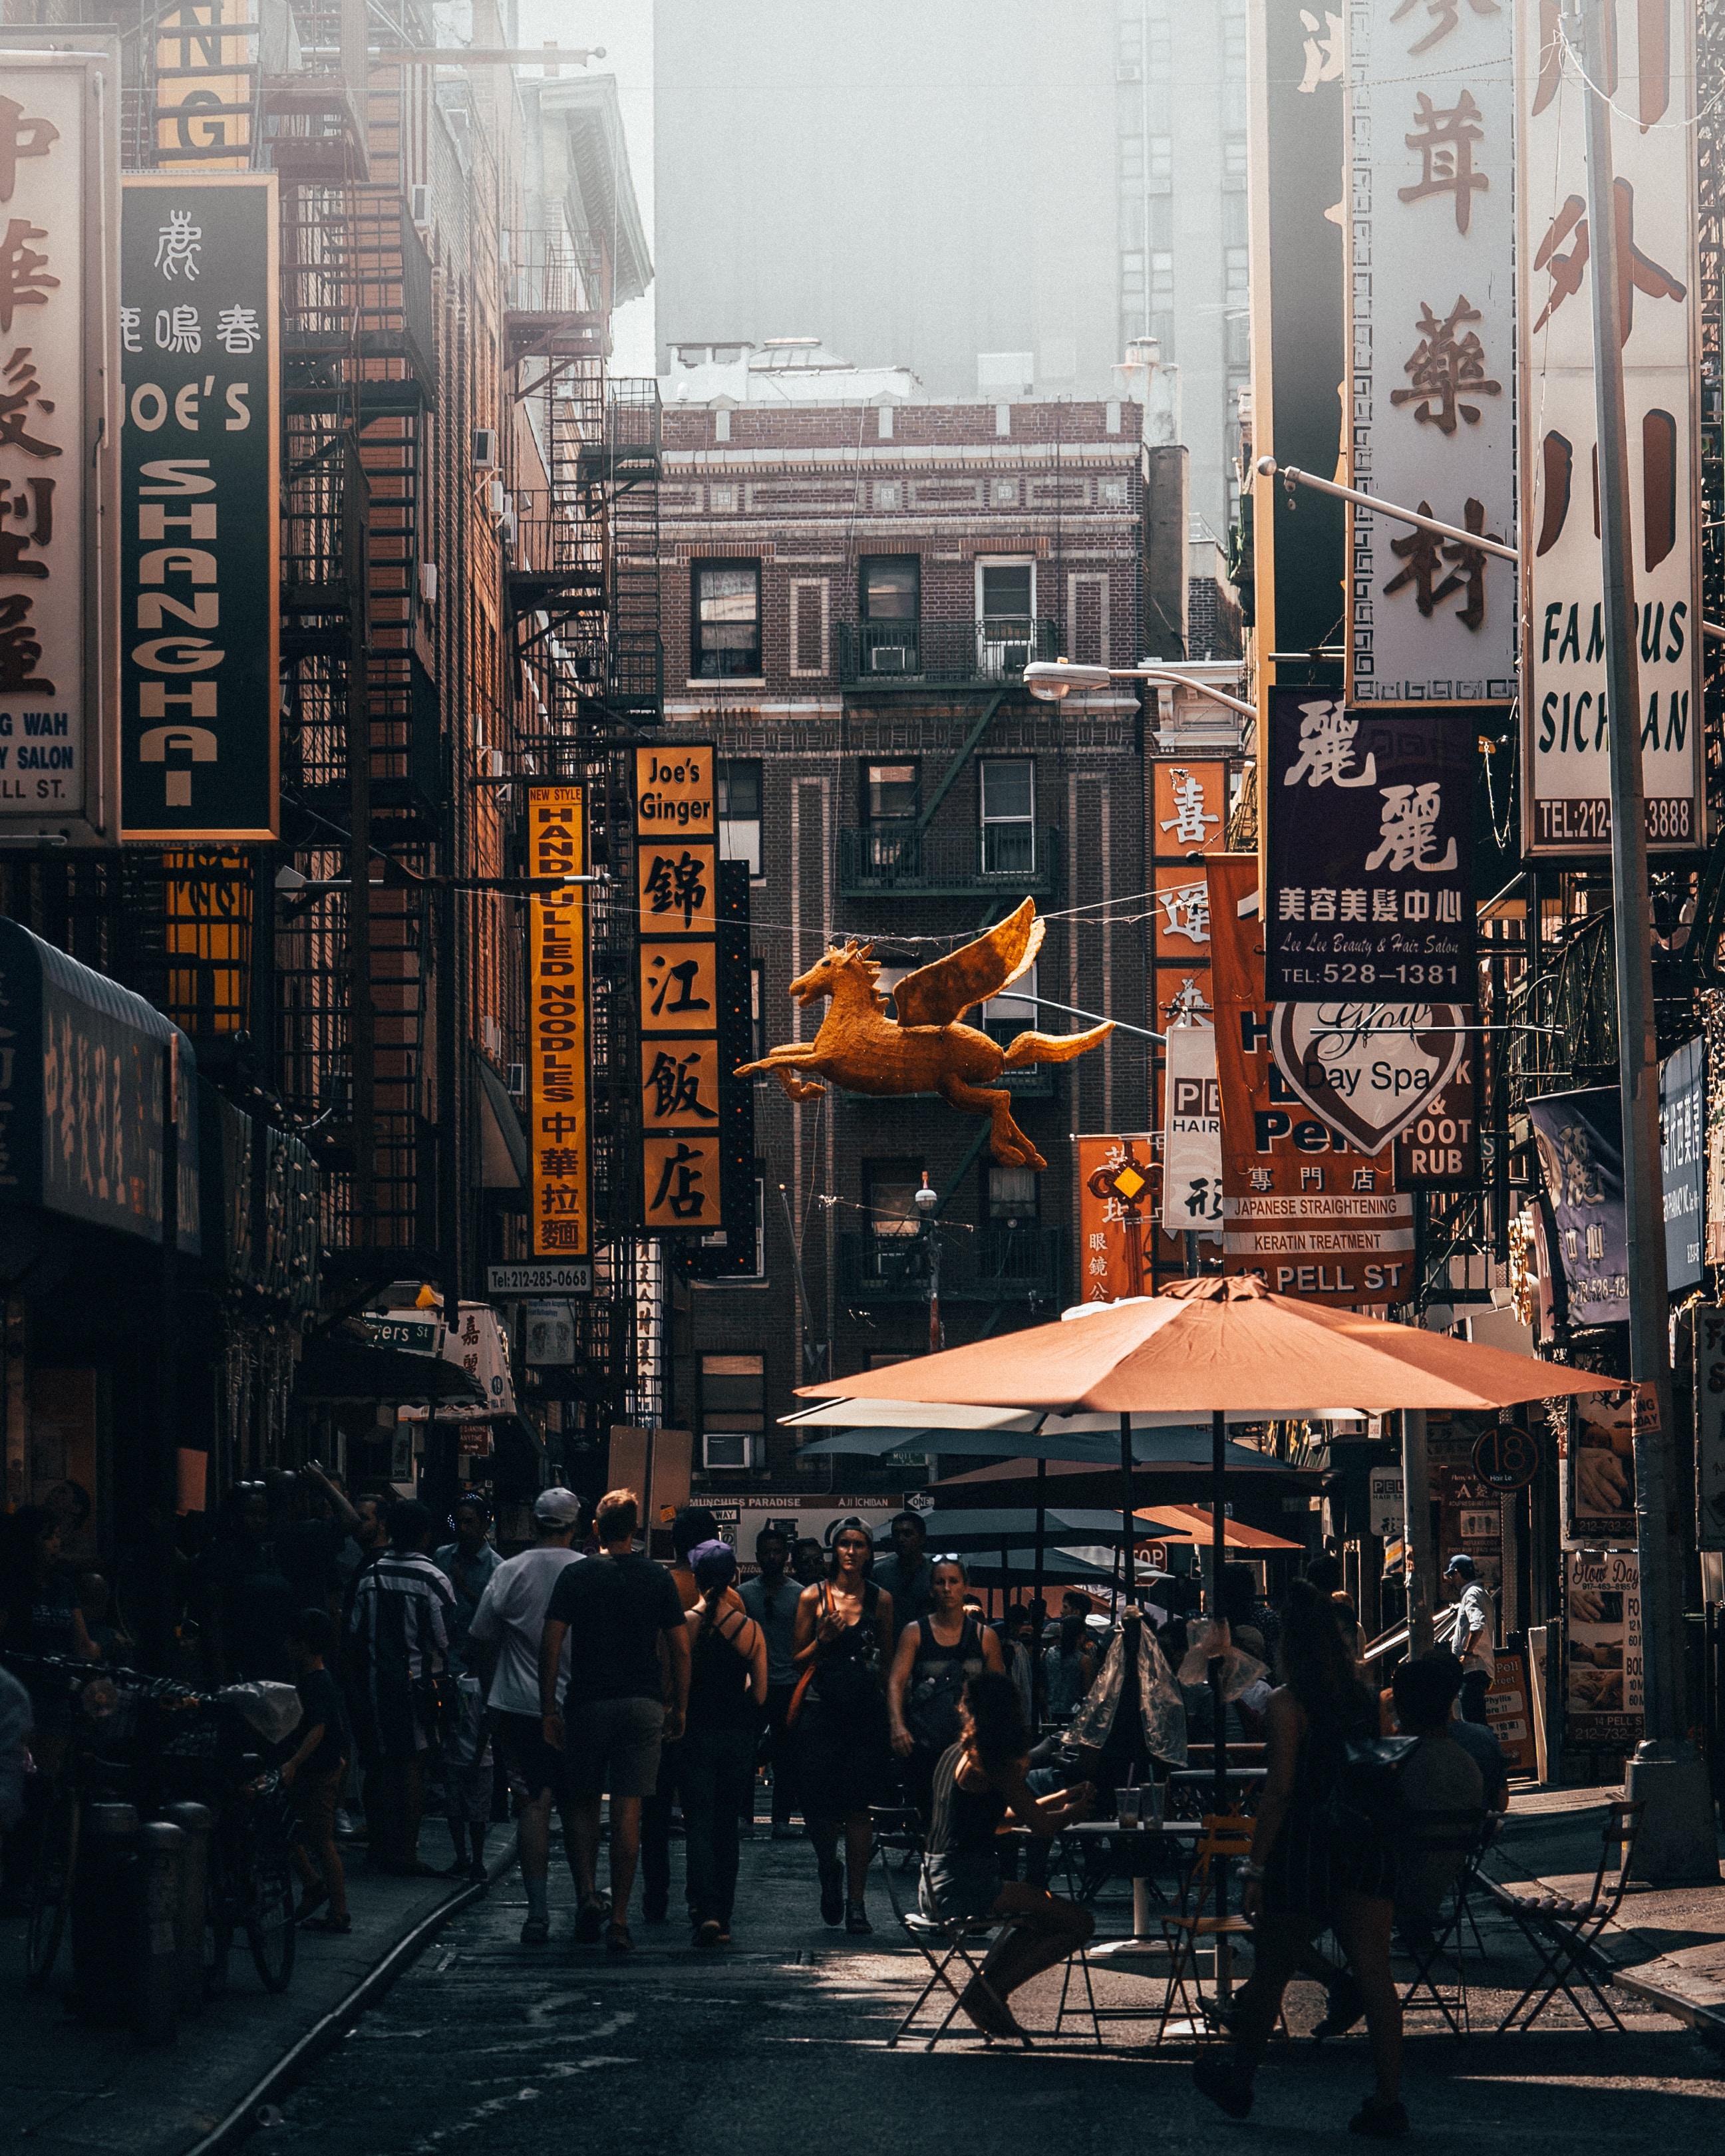 group of people walking between buildings